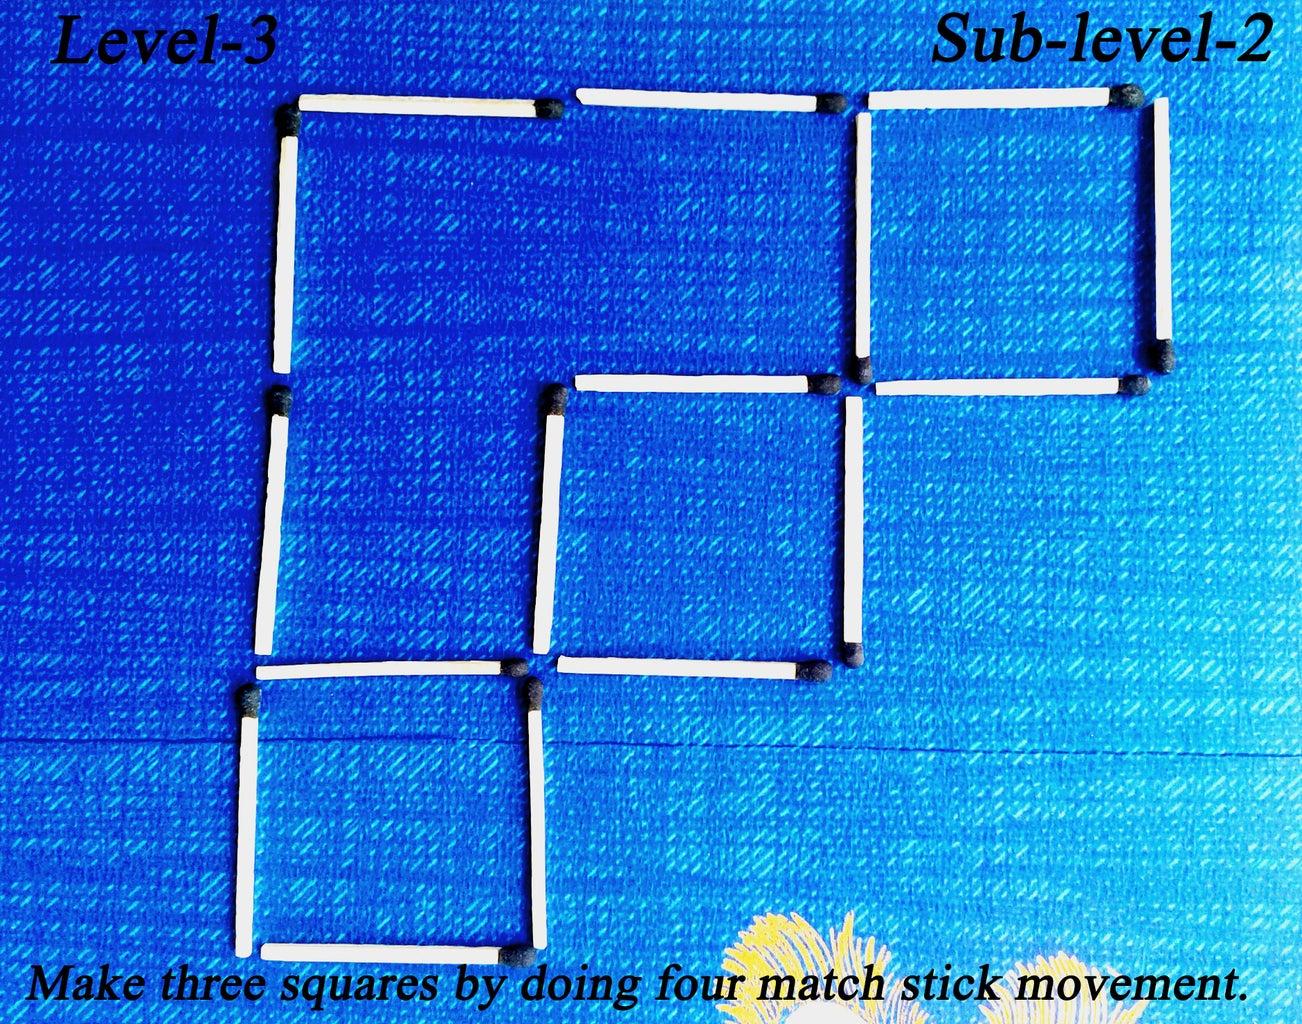 LEVEL  '3',   Sub-level  '2'